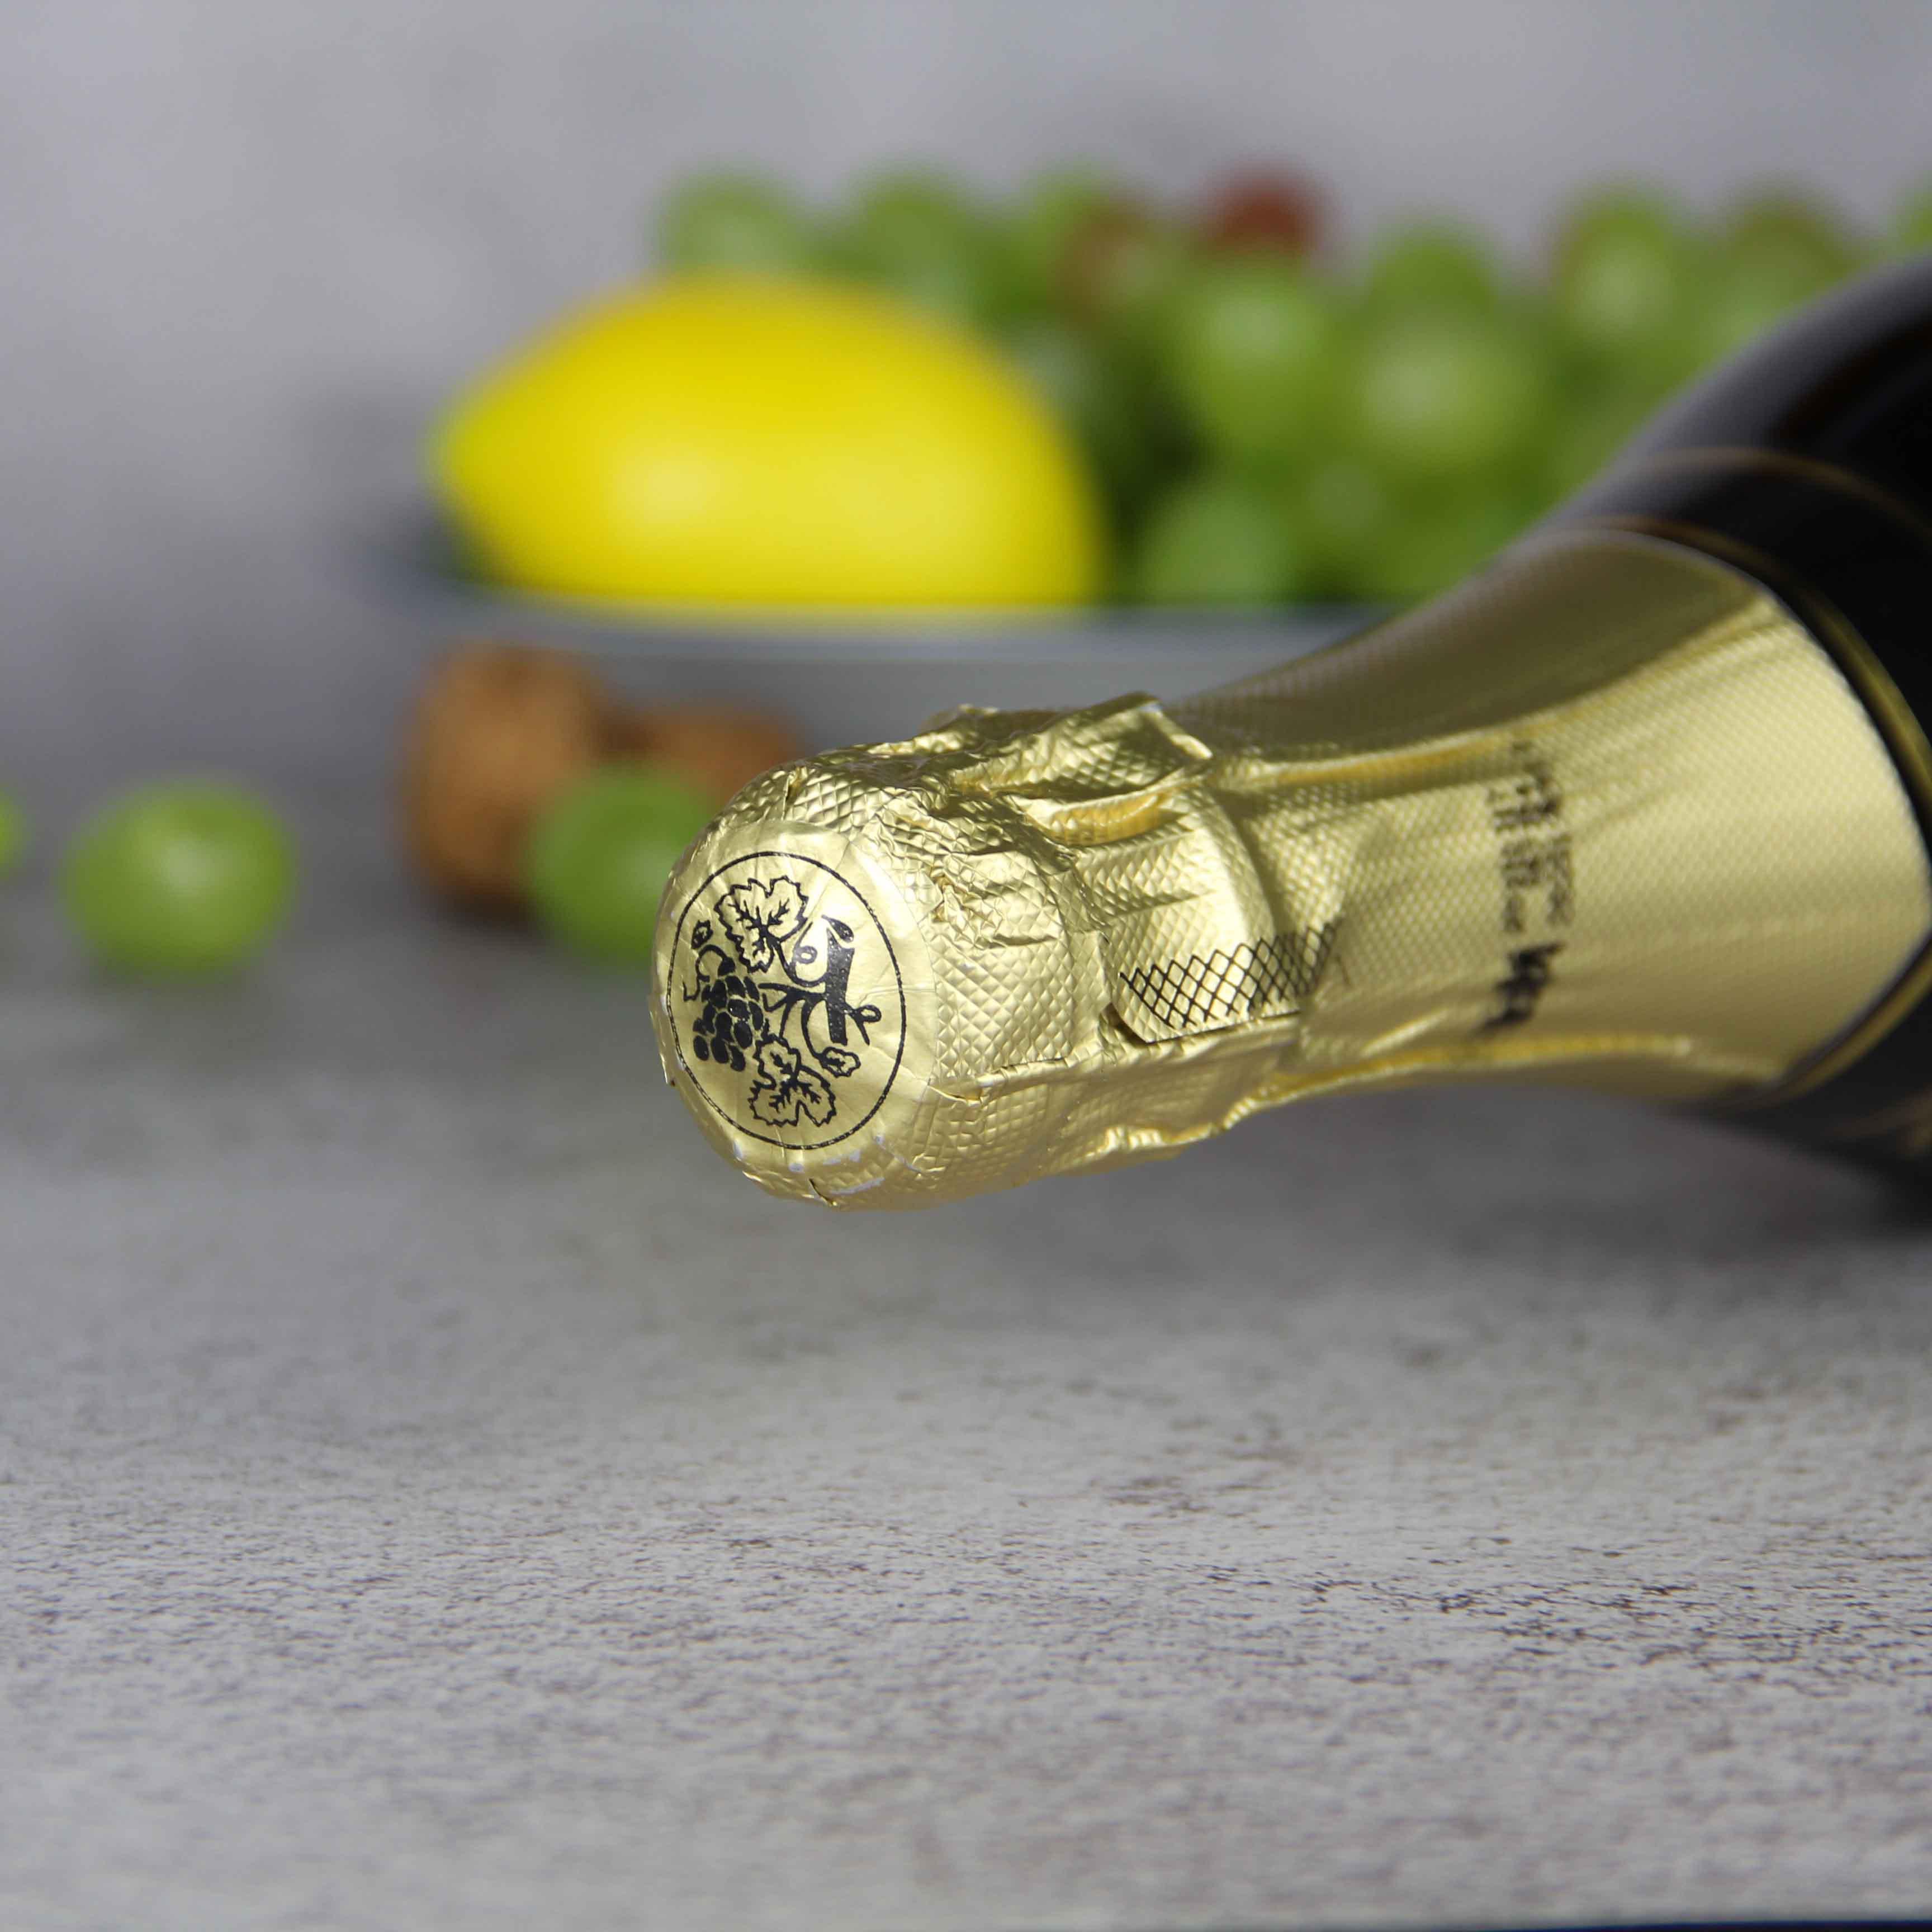 中国王朝5度纪念日低醇起泡葡萄酒